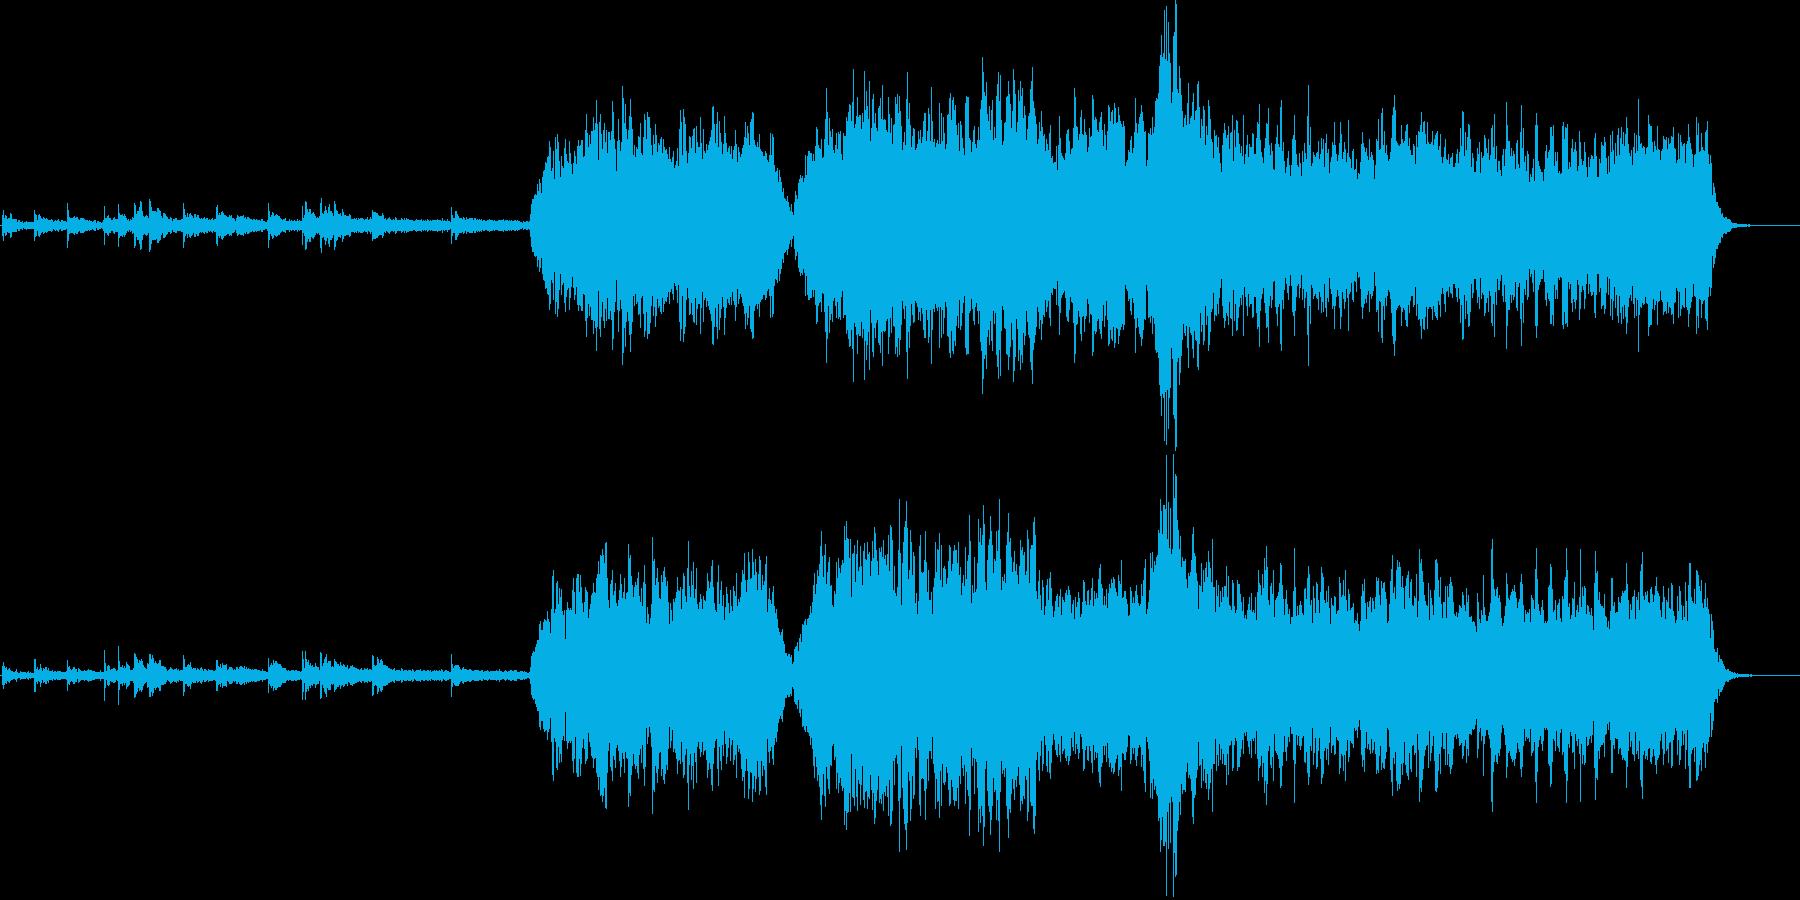 心洗われる神秘的なヒーリングミュージックの再生済みの波形